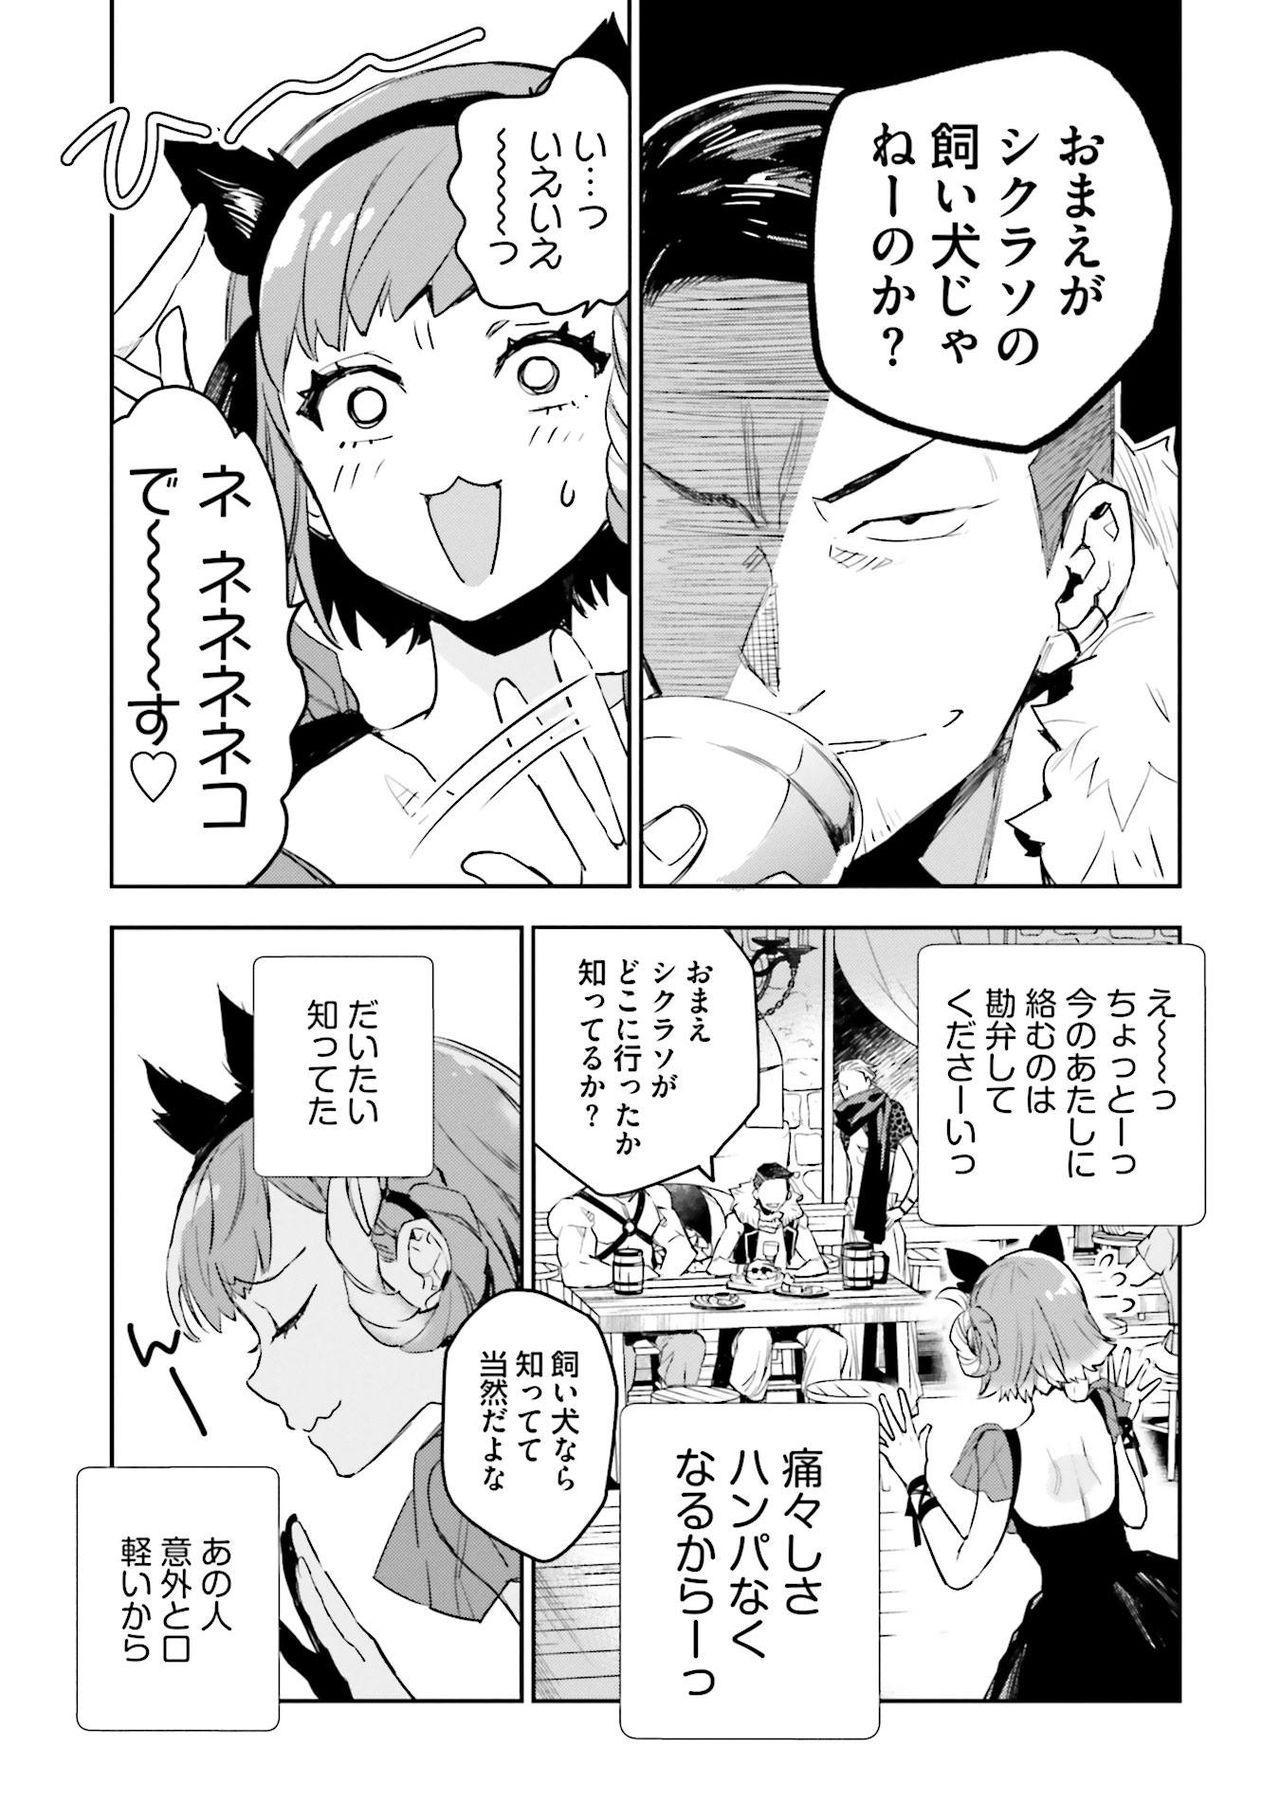 JK Haru wa Isekai de Shoufu ni Natta 1-14 229